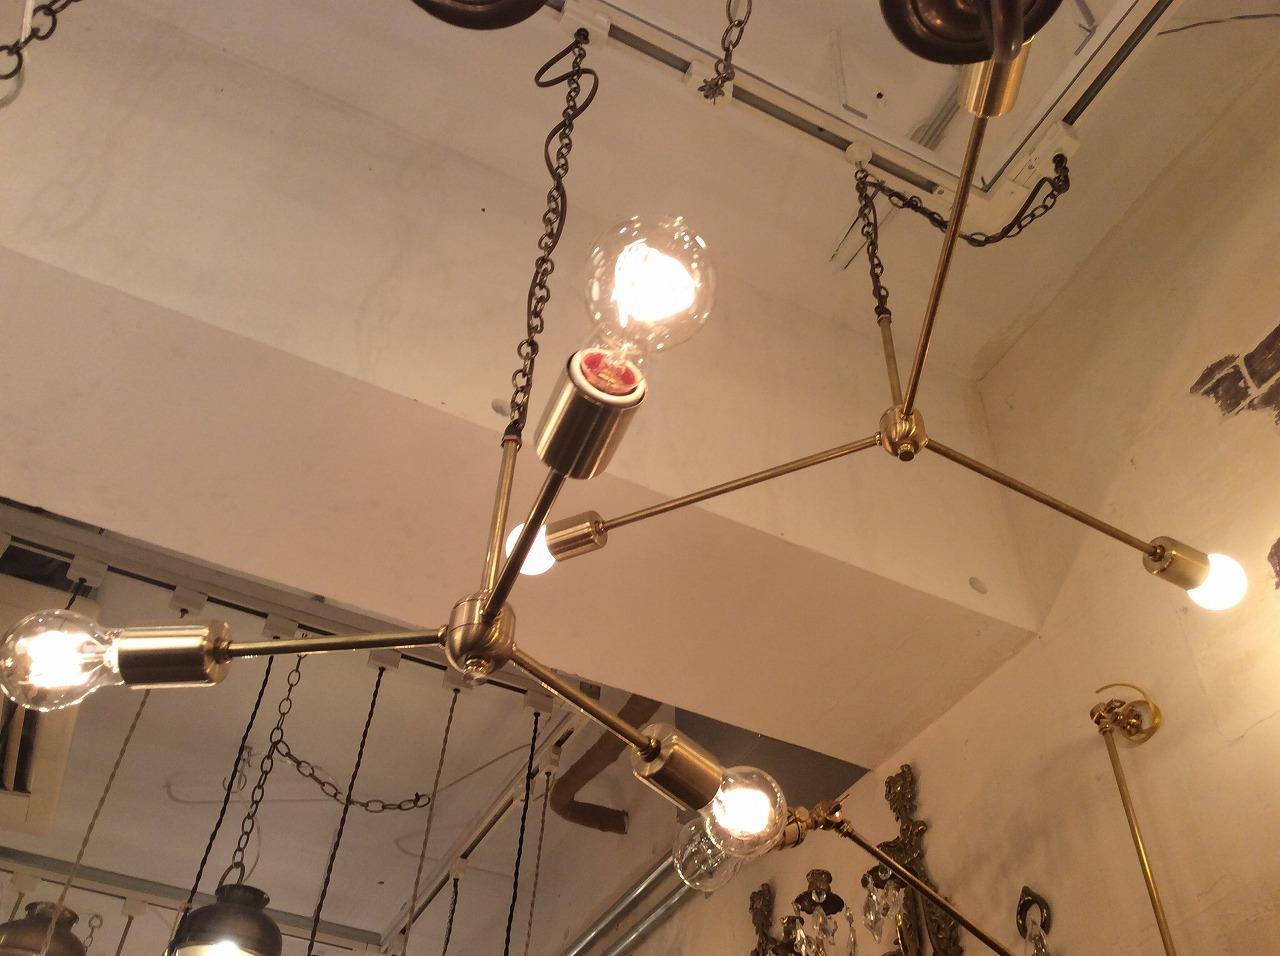 3-Bulbs original lamps